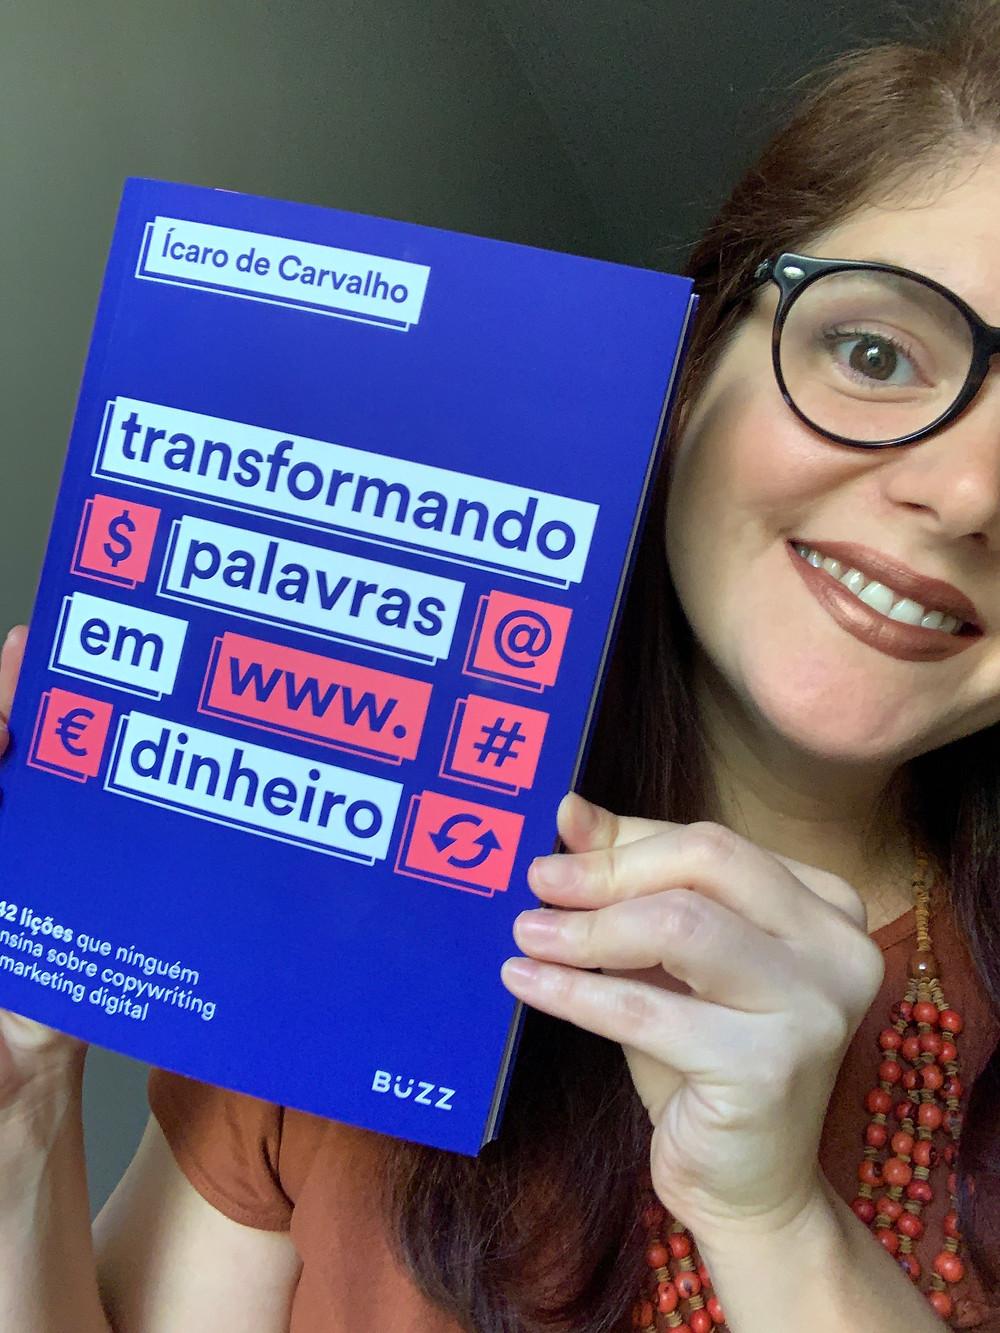 Leitura - Transformando Palavras em Dinheiro Ícaro de Carvalho